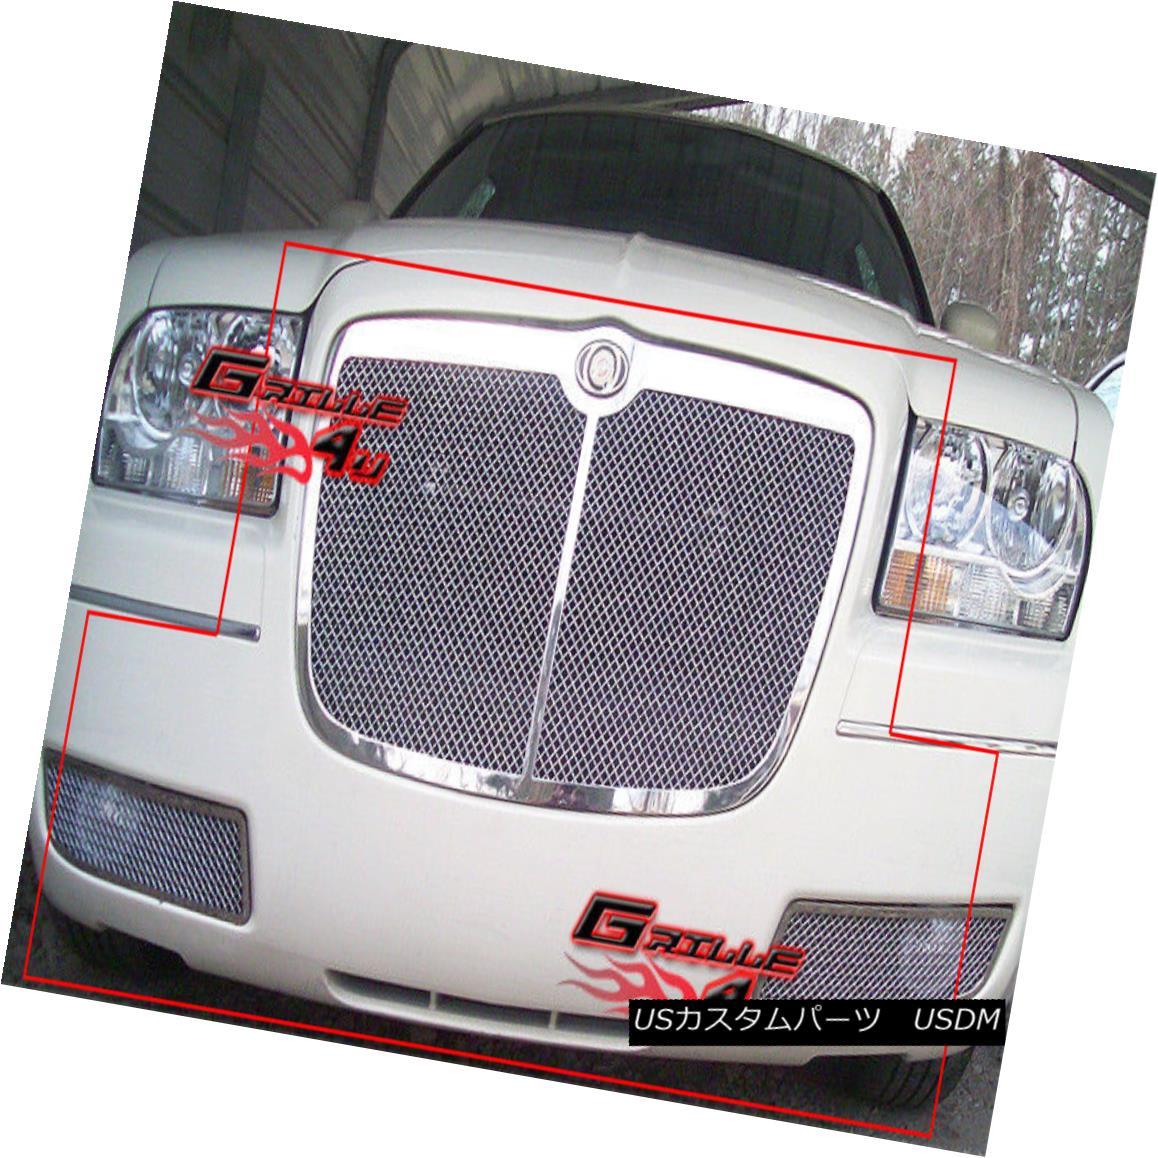 グリル Fits 05-10 Chrysler 300 Stainless Mesh Grille Combo フィット05-10クライスラー300ステンレスメッシュグリルコンボ